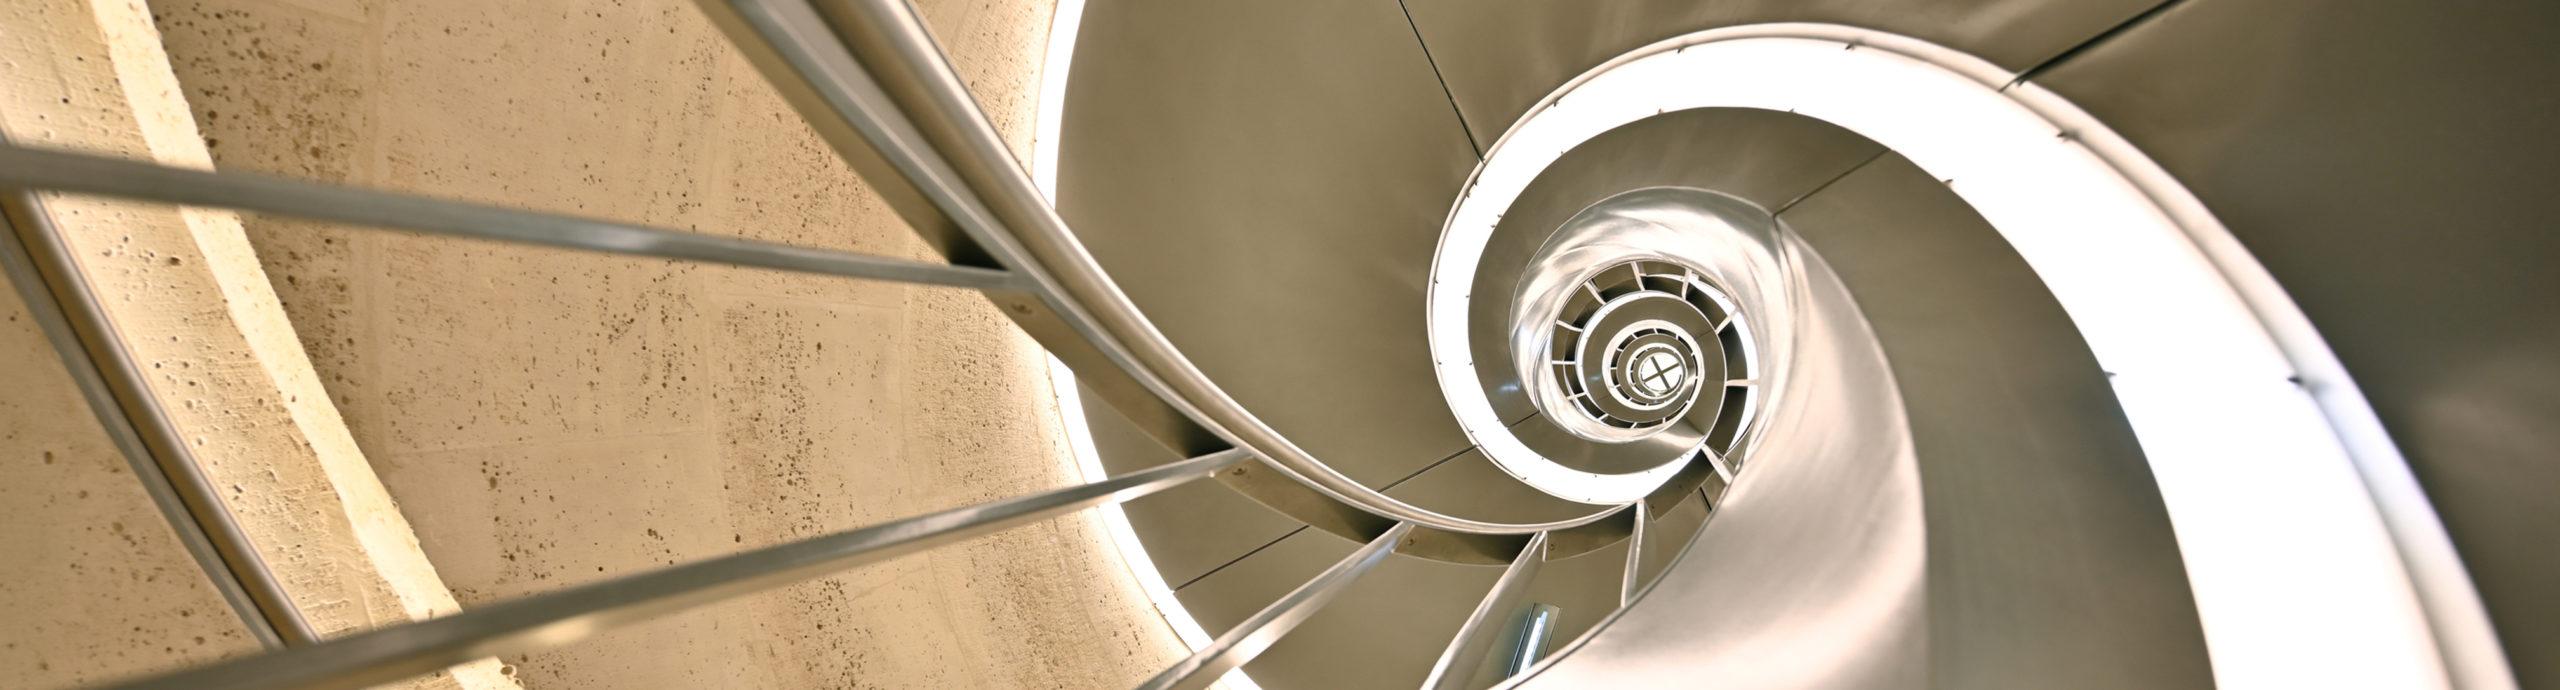 escalier Arc de Triomphe chatillon architectes